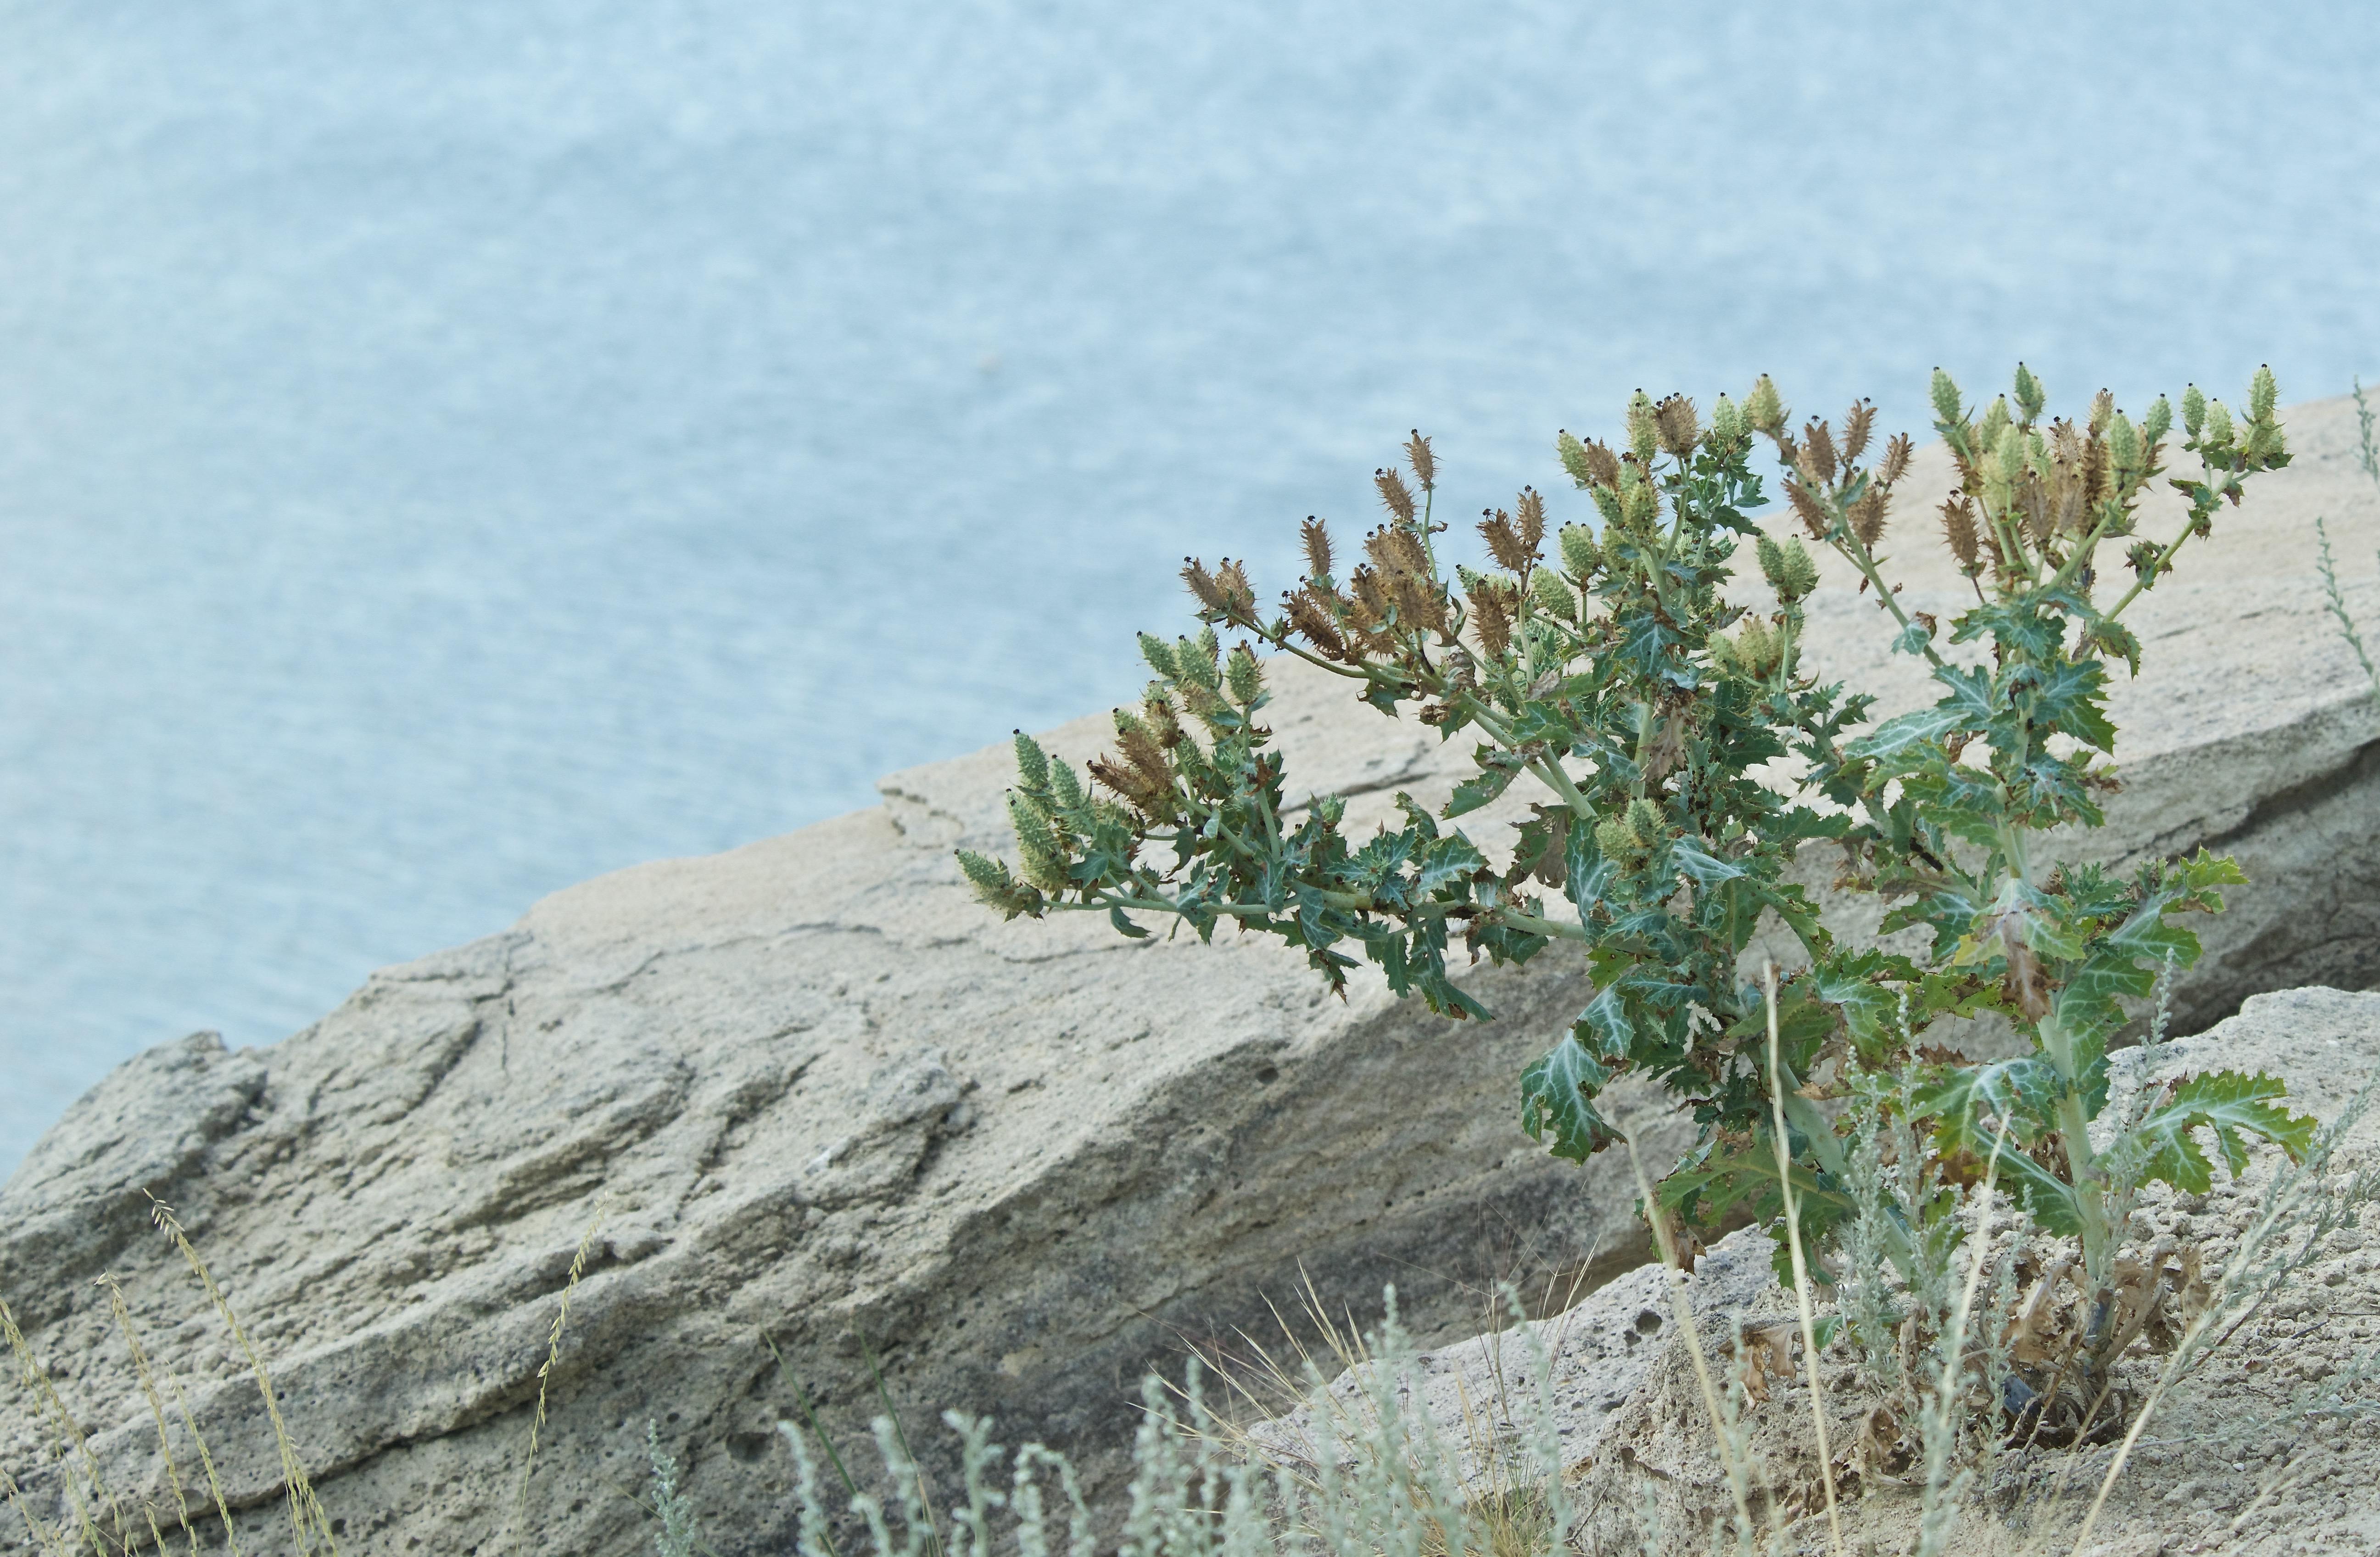 Prickly Poppy (Argemone polyanthemos) (In Decline)